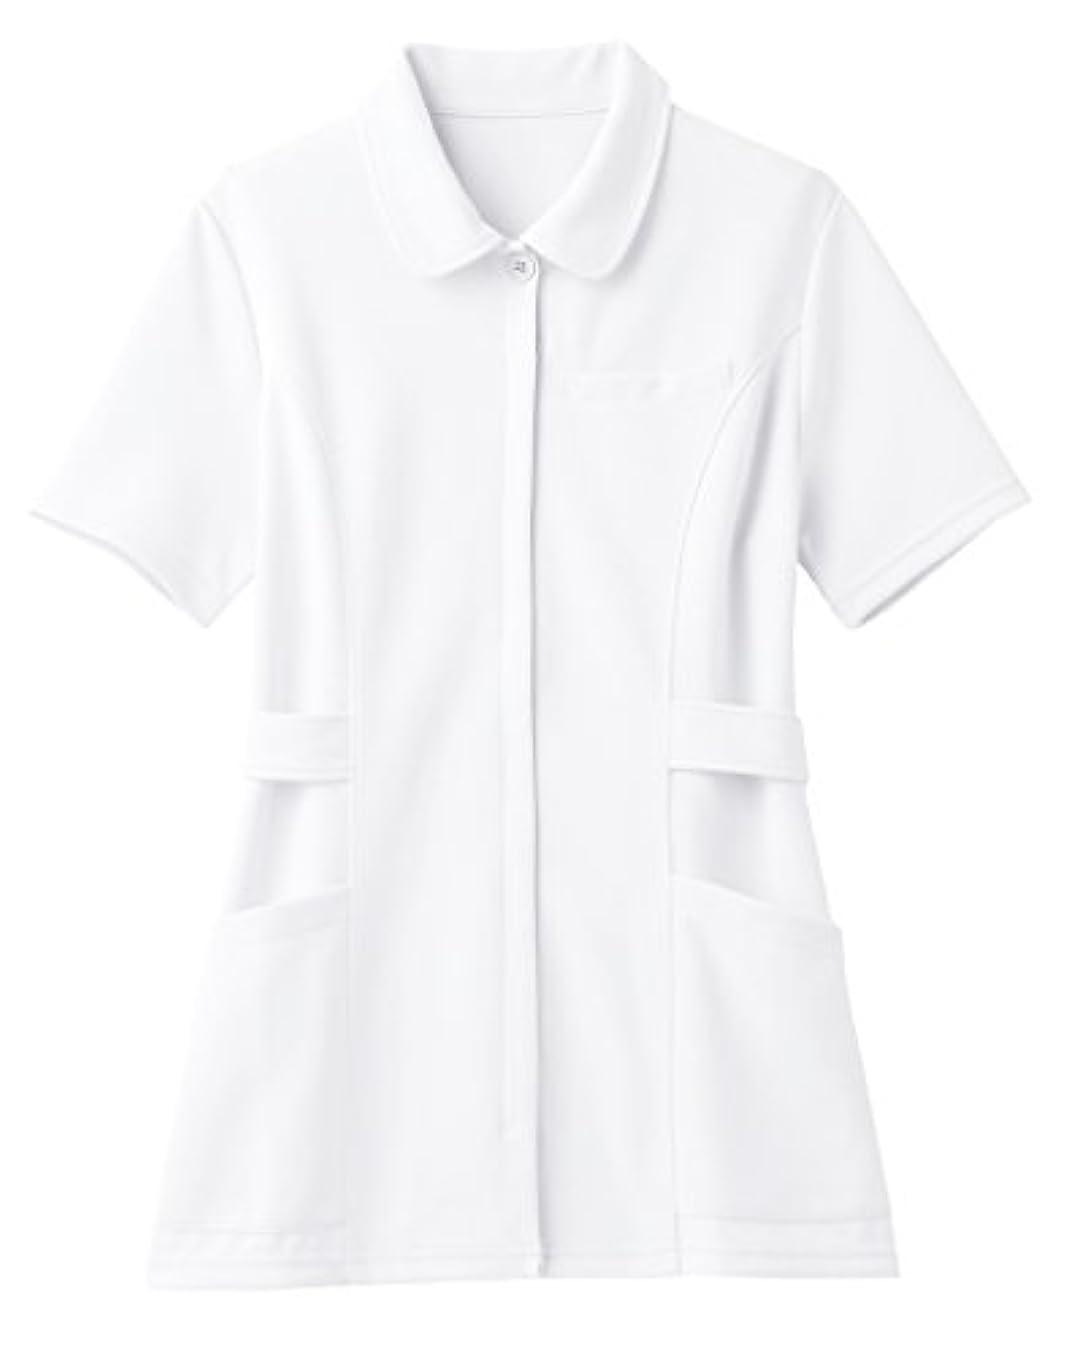 緩やかな名詞ピクニック(ララスキル)LALA SKILL 医療 白衣 スタンダードなショールカラーのナース服 [制菌/吸汗速乾] F-9005